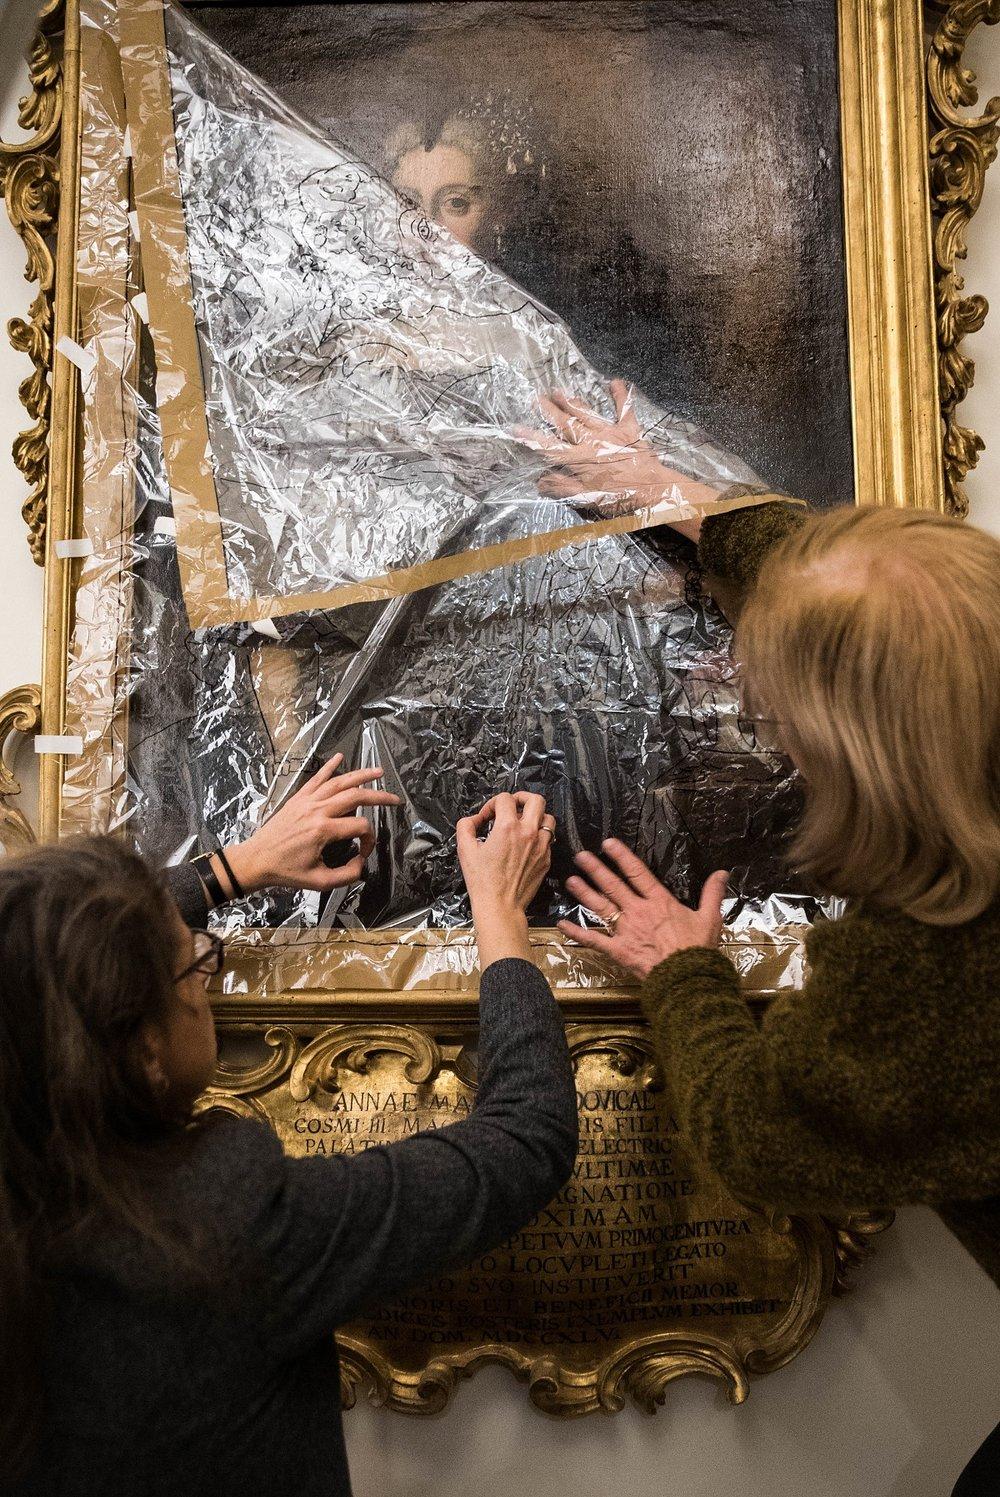 La restauratrice e la curatrice del progetto conducono ricerche artistiche.